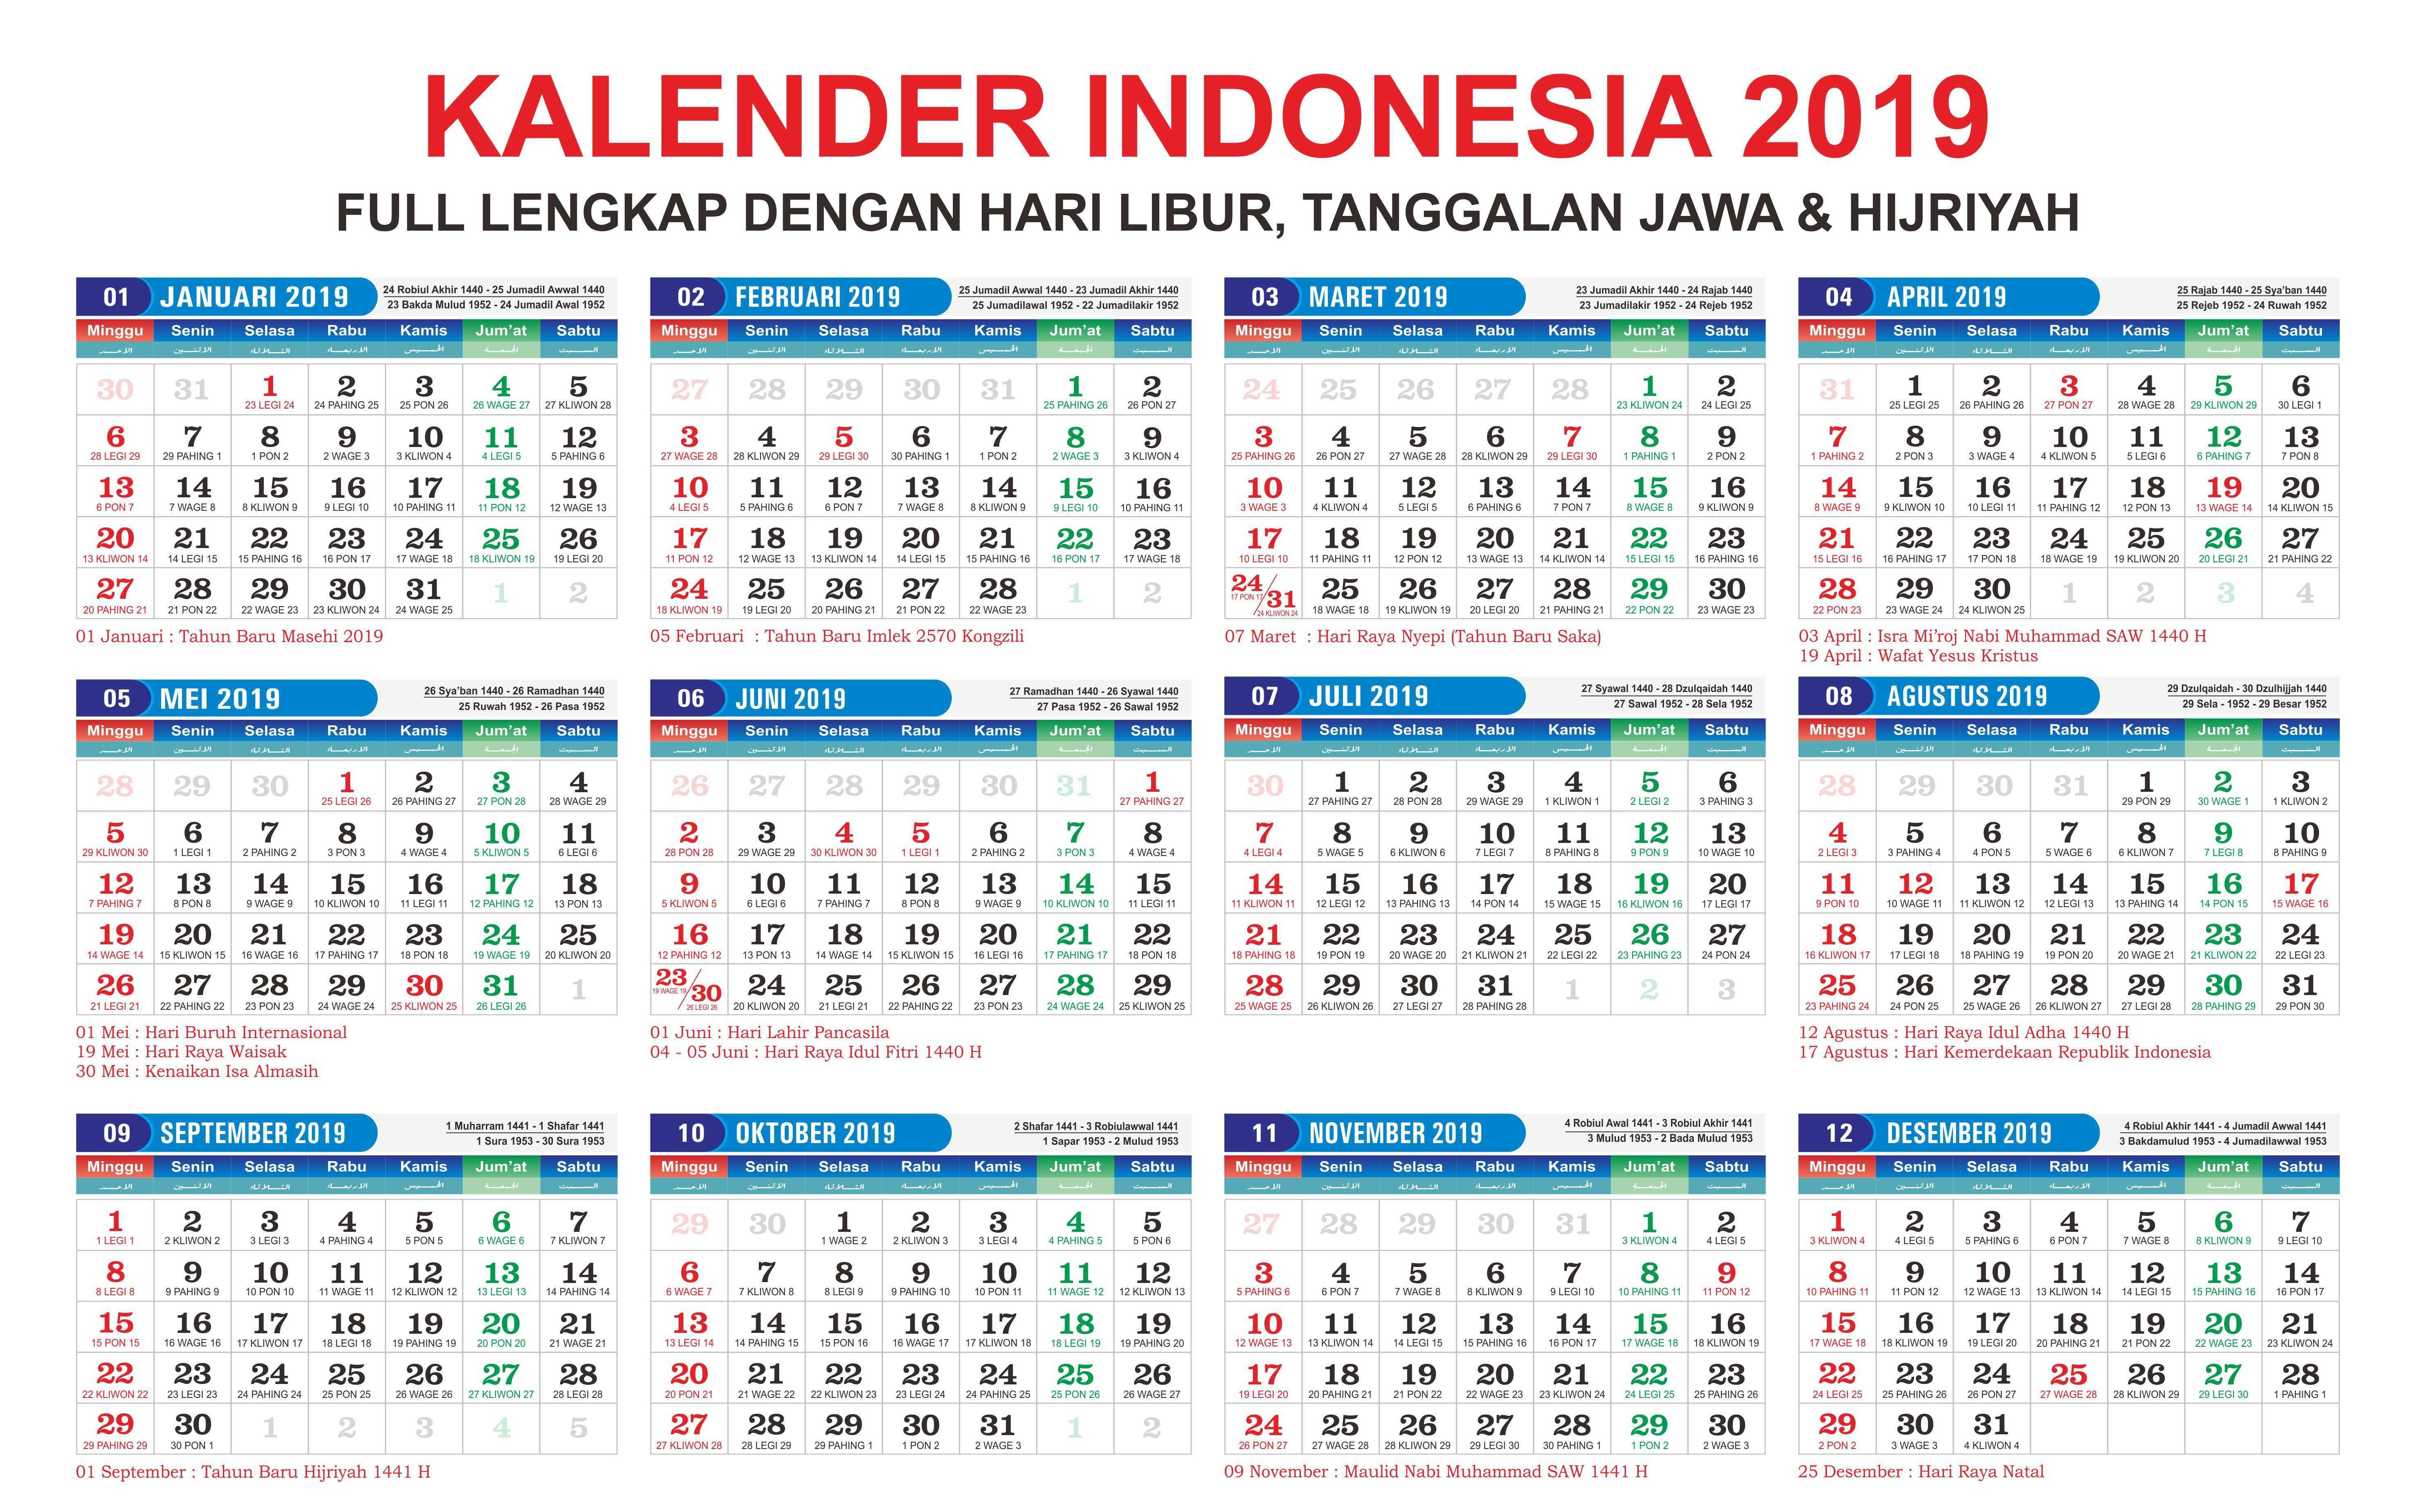 Controllo Calendario Excel 2020.Imlek Tahun 2020 With Kalender Jawa Hasil Cetakan 2017 2018